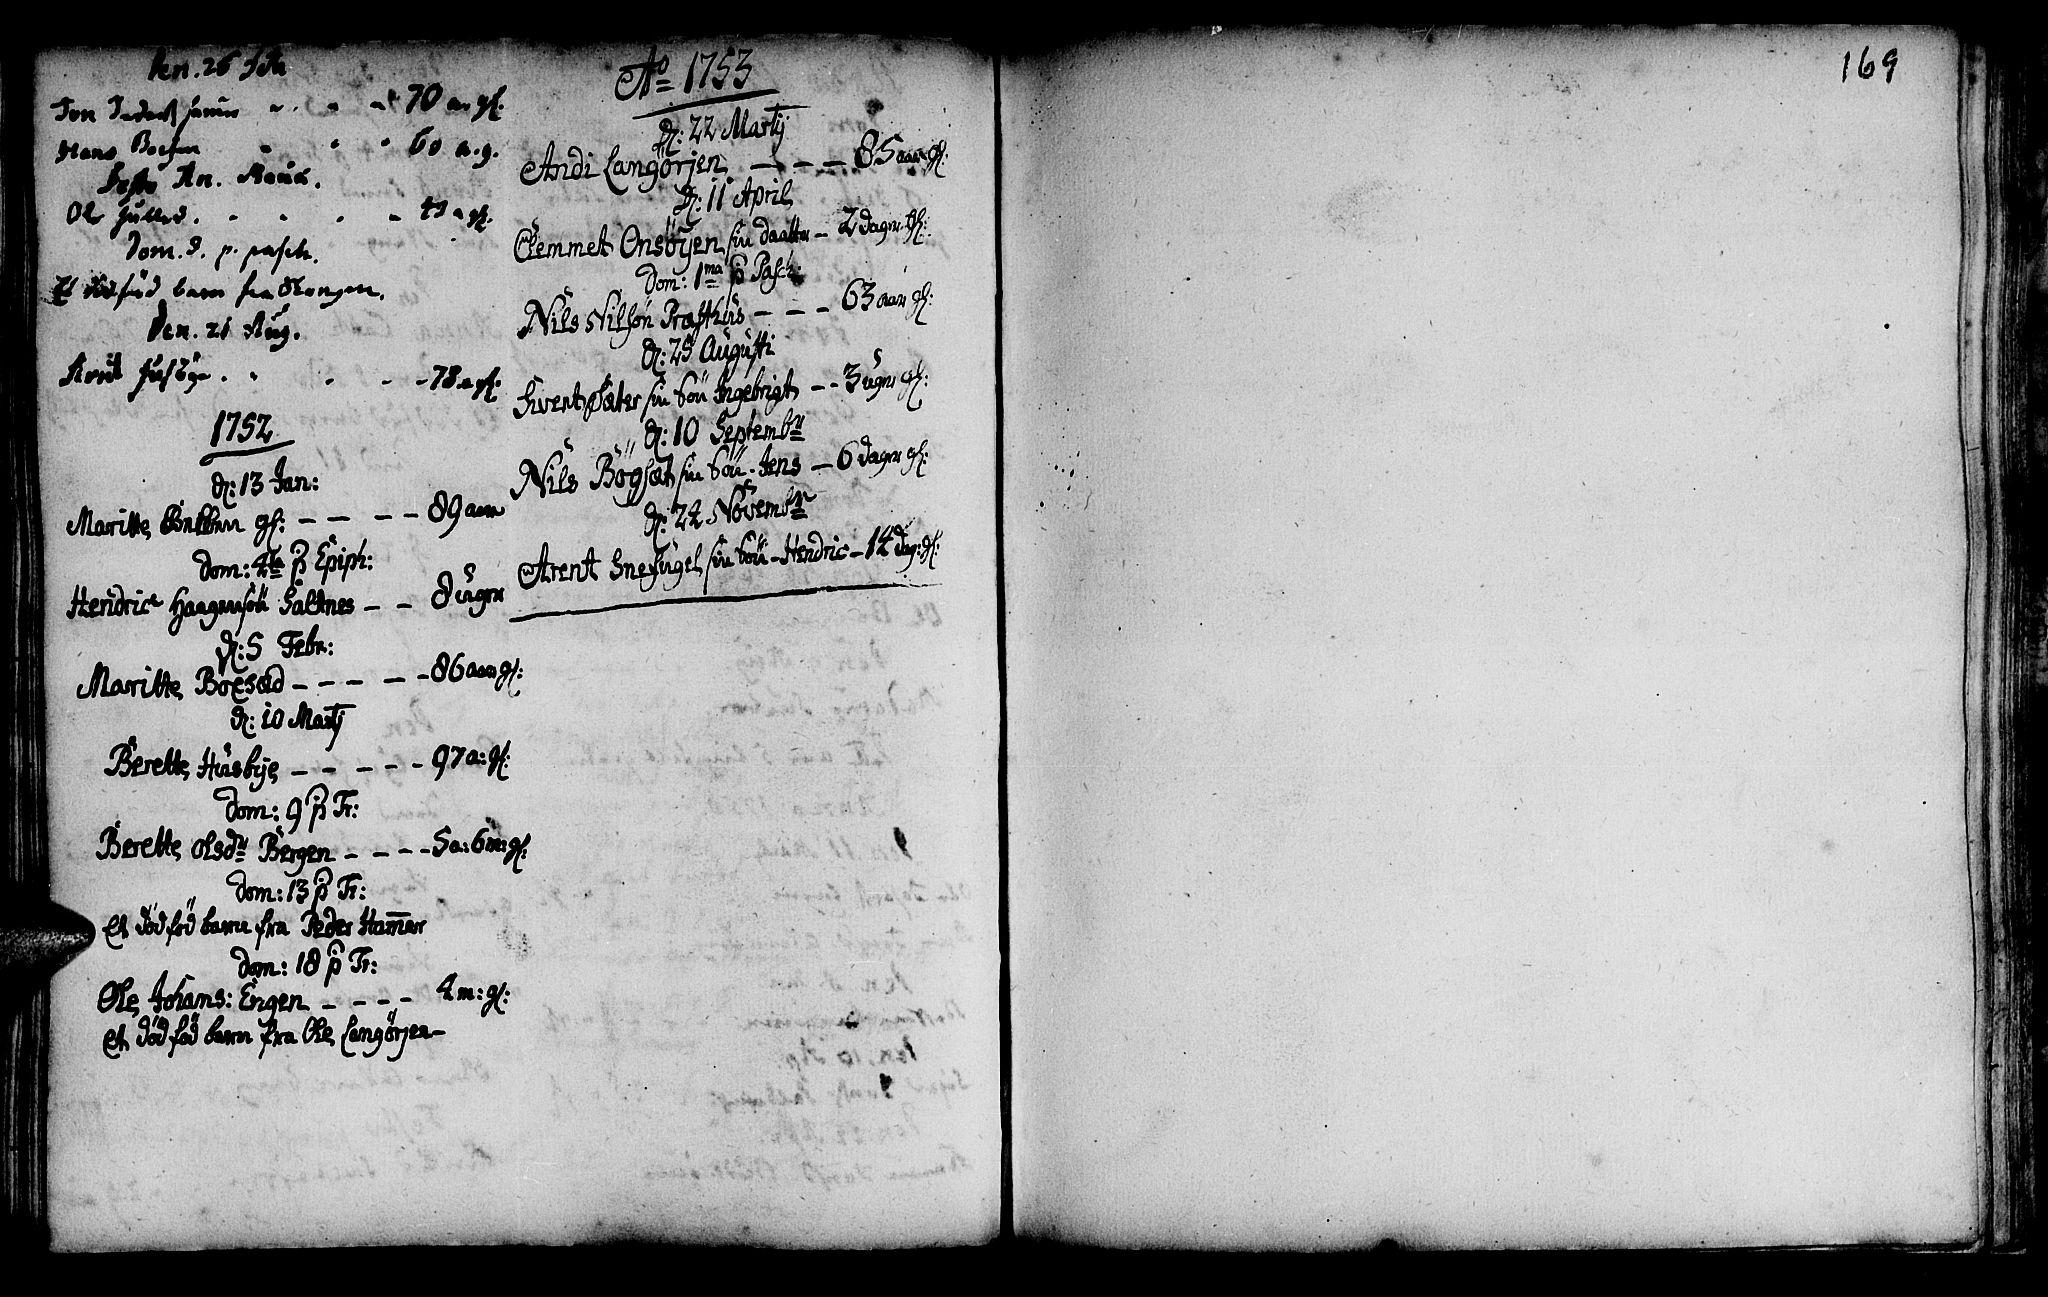 SAT, Ministerialprotokoller, klokkerbøker og fødselsregistre - Sør-Trøndelag, 666/L0783: Ministerialbok nr. 666A01, 1702-1753, s. 169